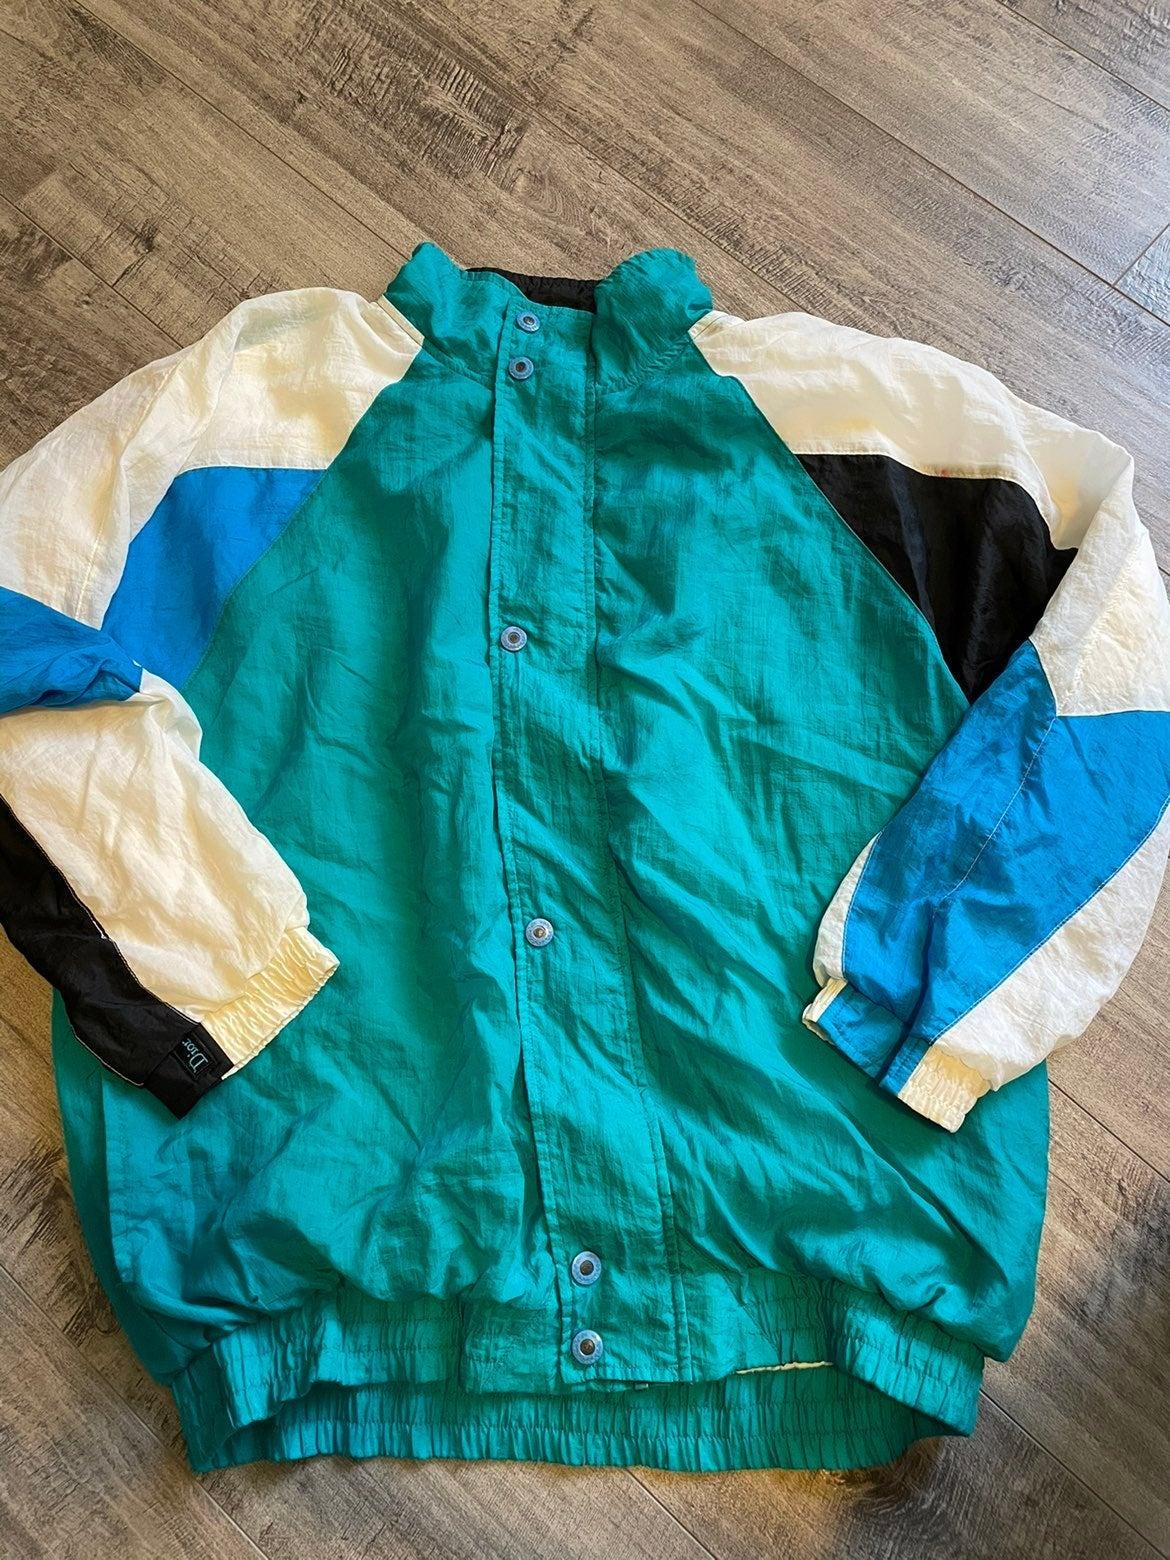 Vintage Christian Dior Jacket 90s